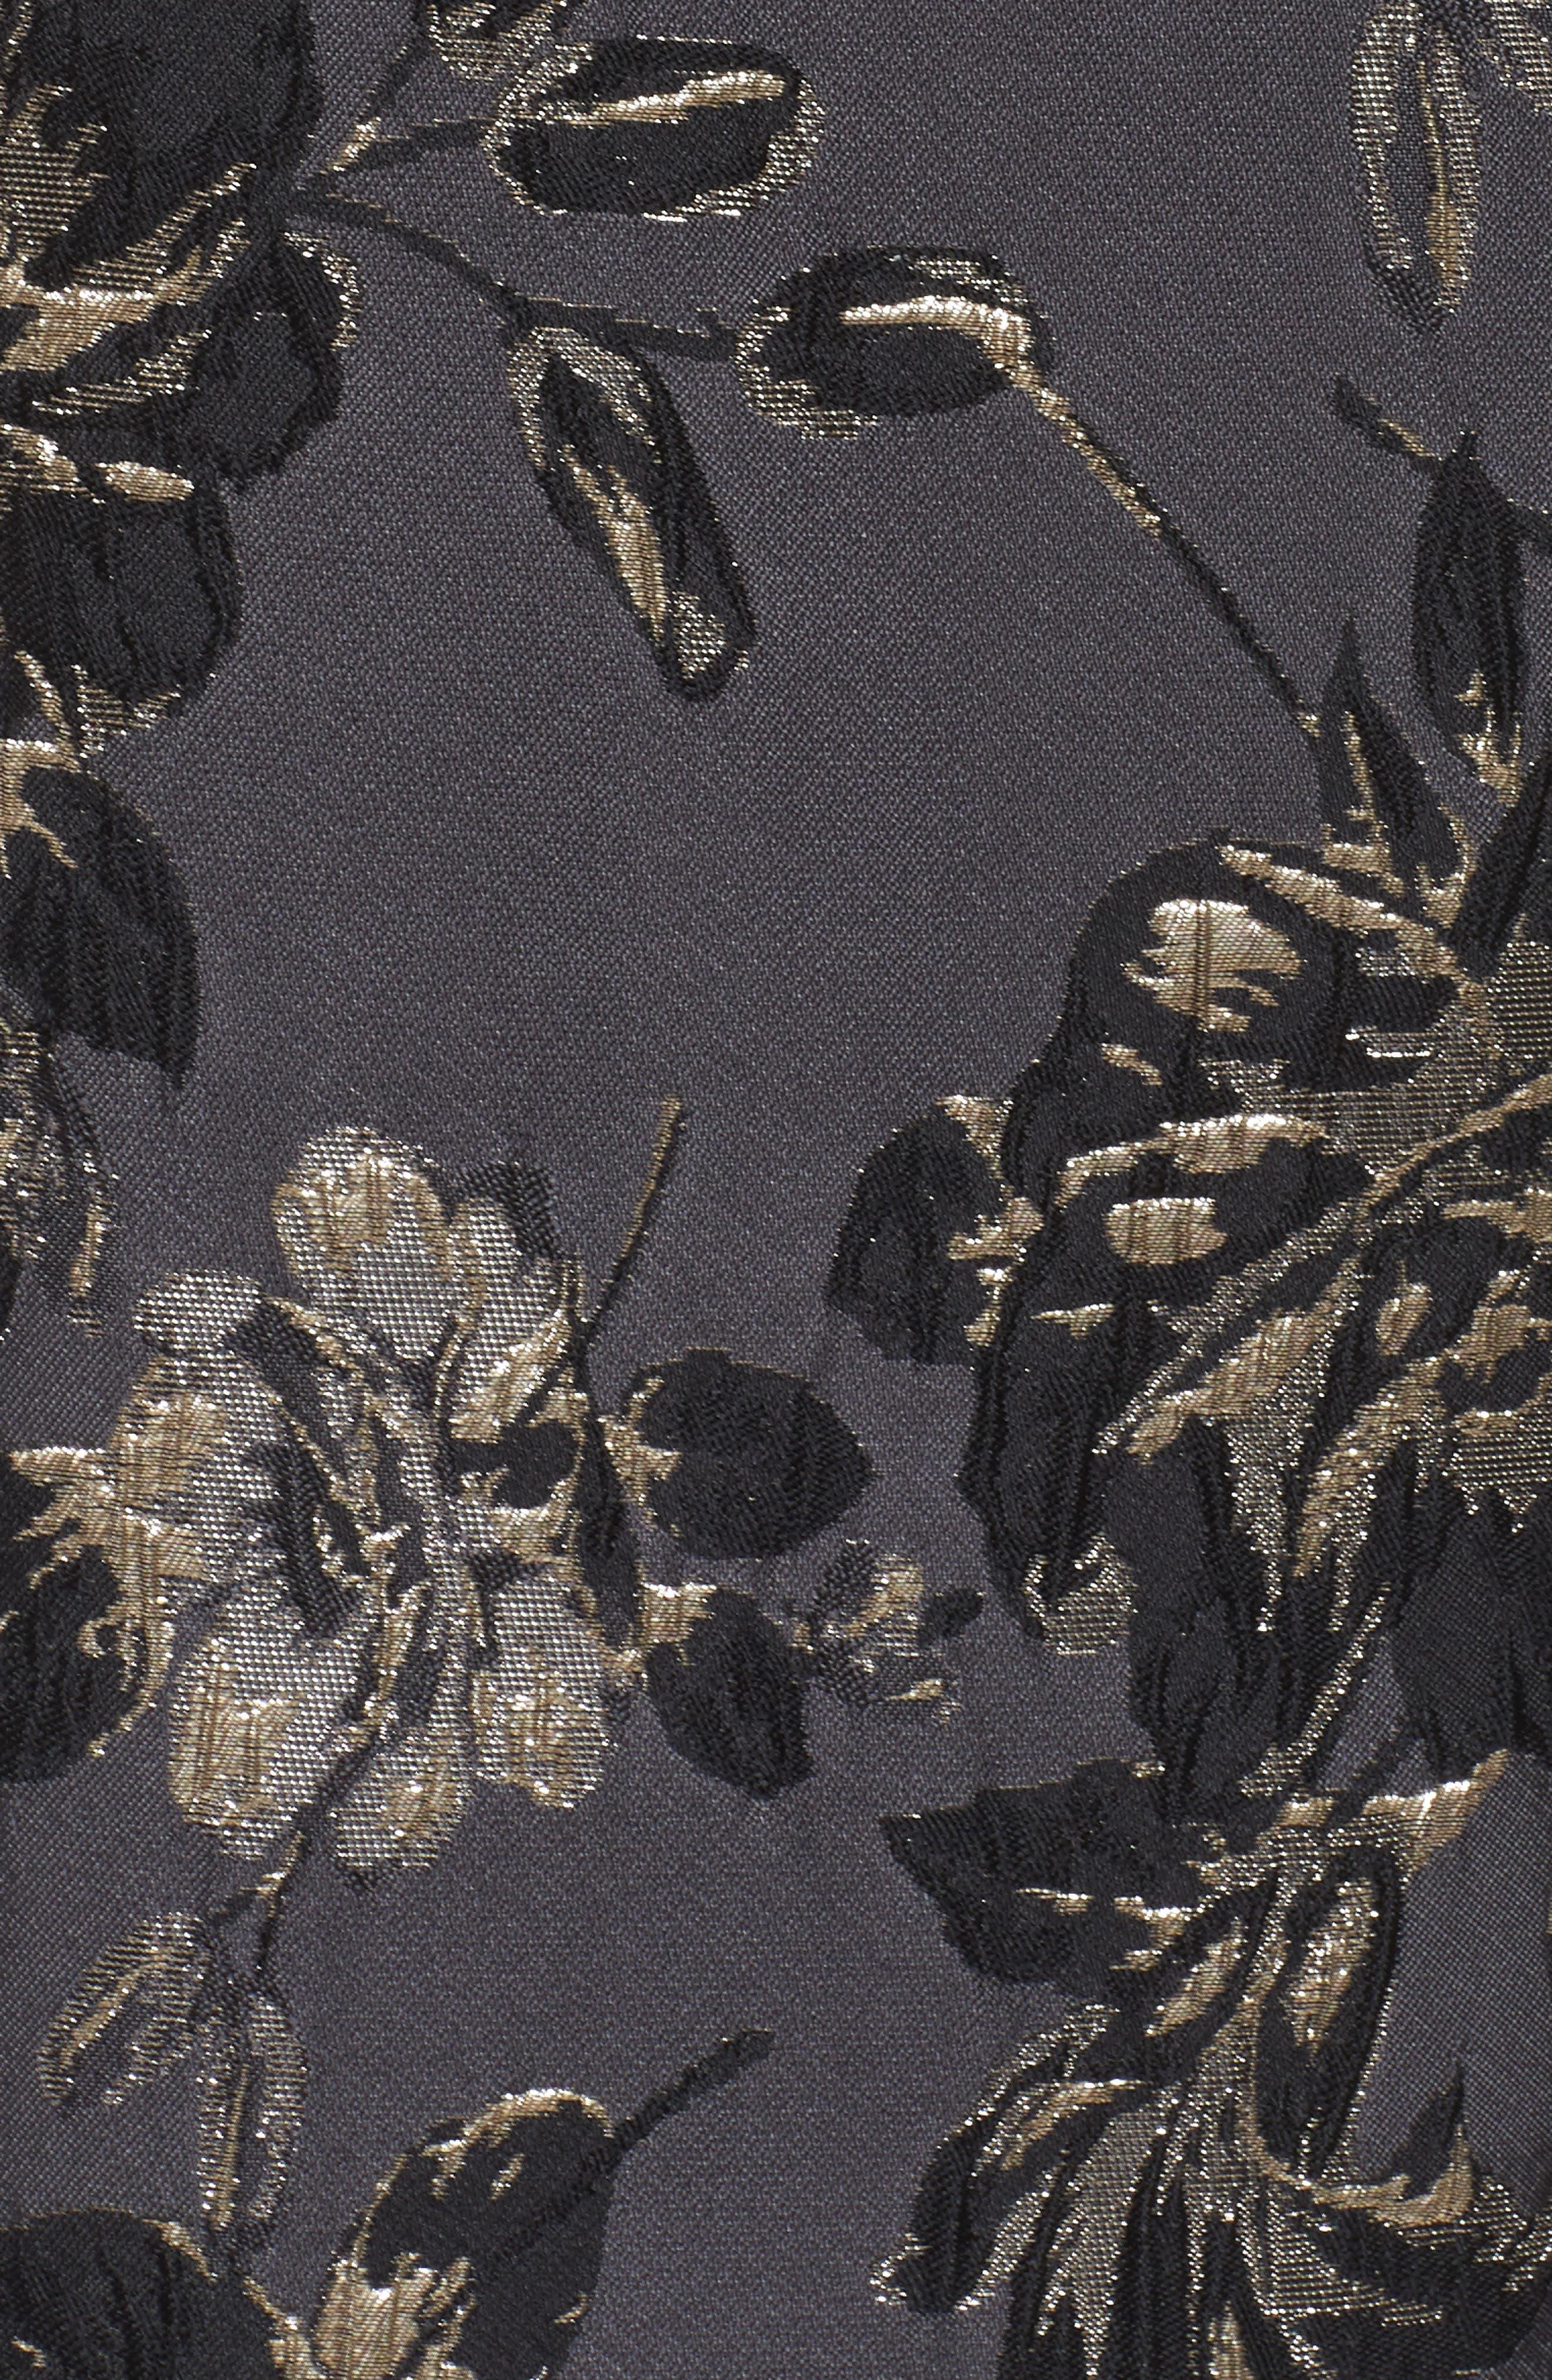 Jessa Fit & Flare Dress,                             Alternate thumbnail 5, color,                             Black Multi